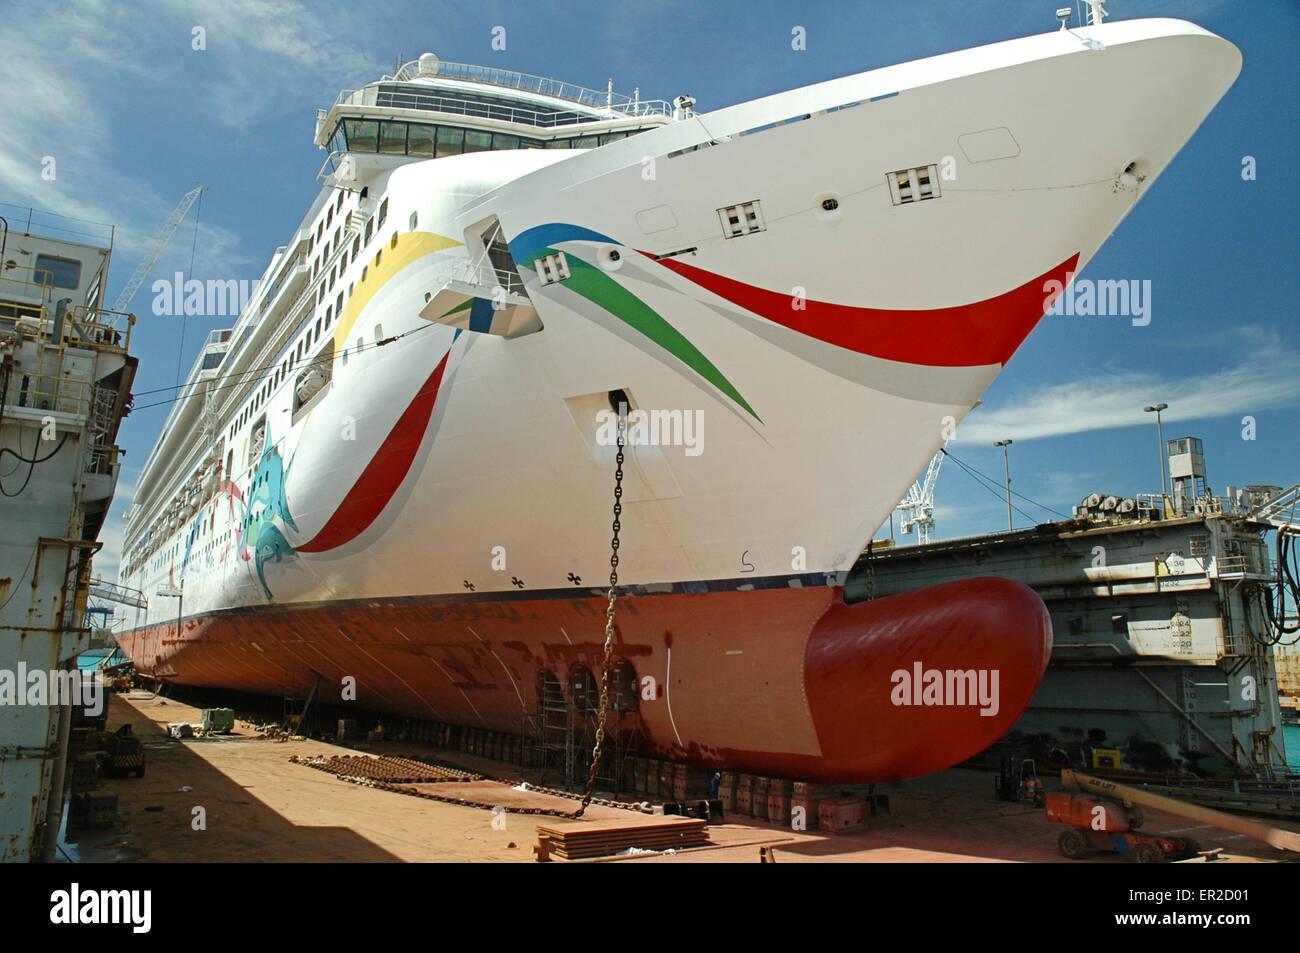 Large Cruise Ship On A Dry Dock Stock Photo Royalty Free Image - Docked cruise ship